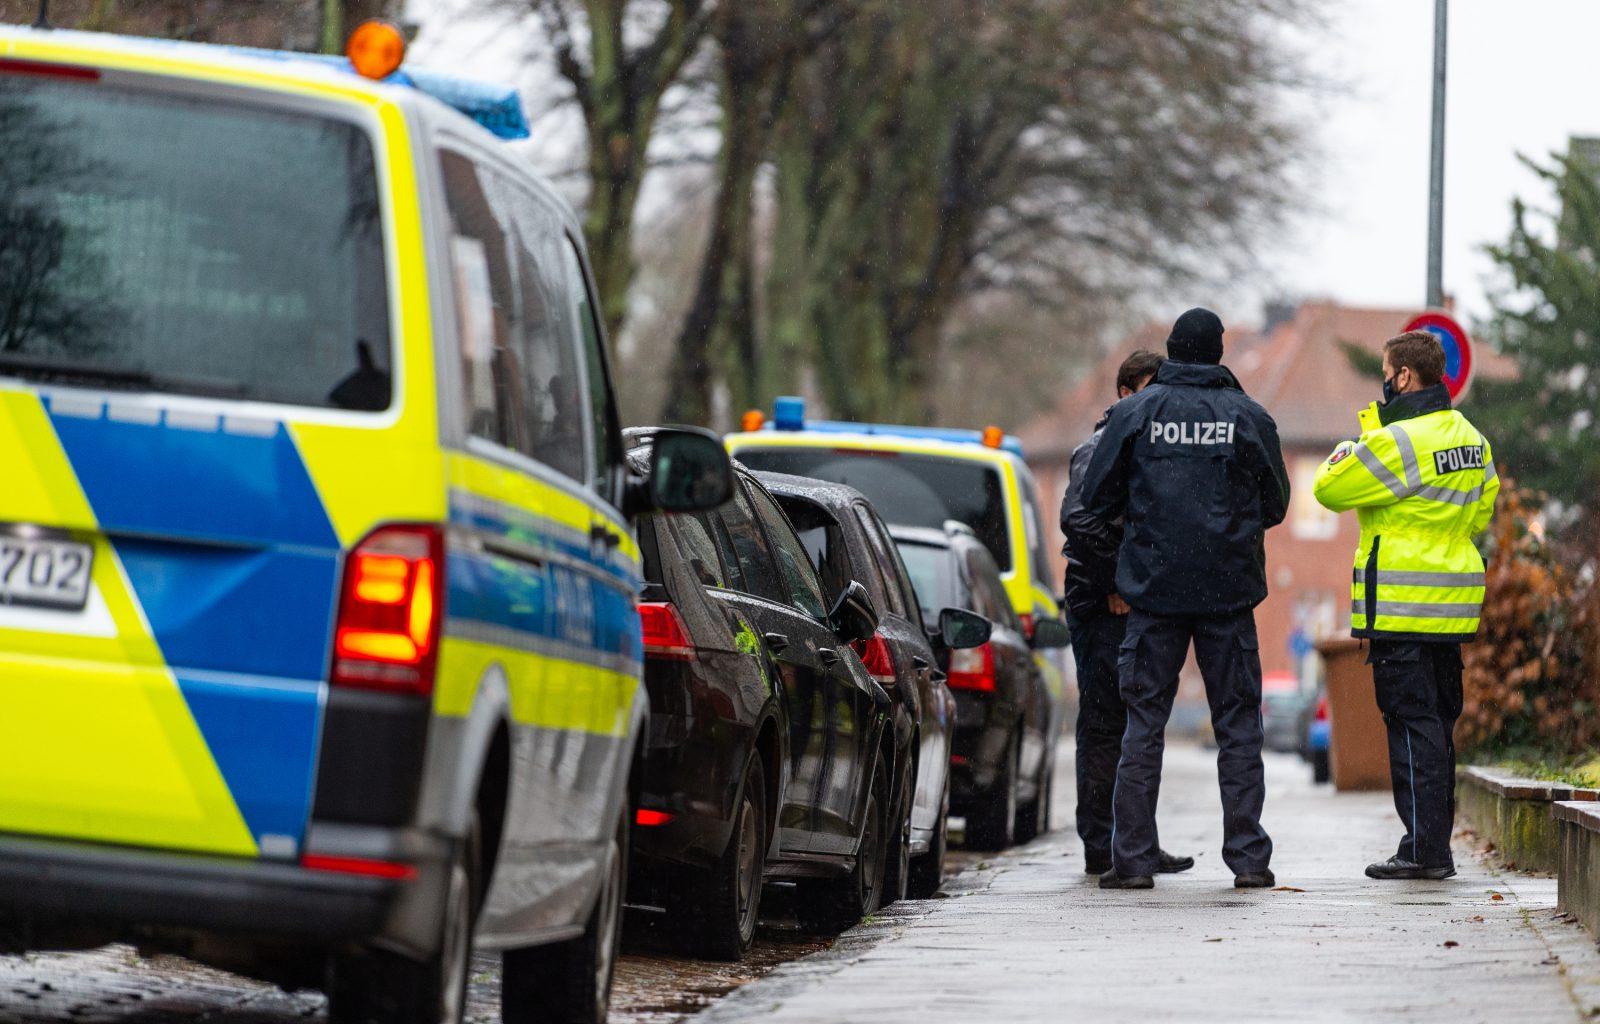 Polizisten sichern den Bereich rund um den Tatort in Lüneburg ab Foto: picture alliance/dpa | Philipp Schulze